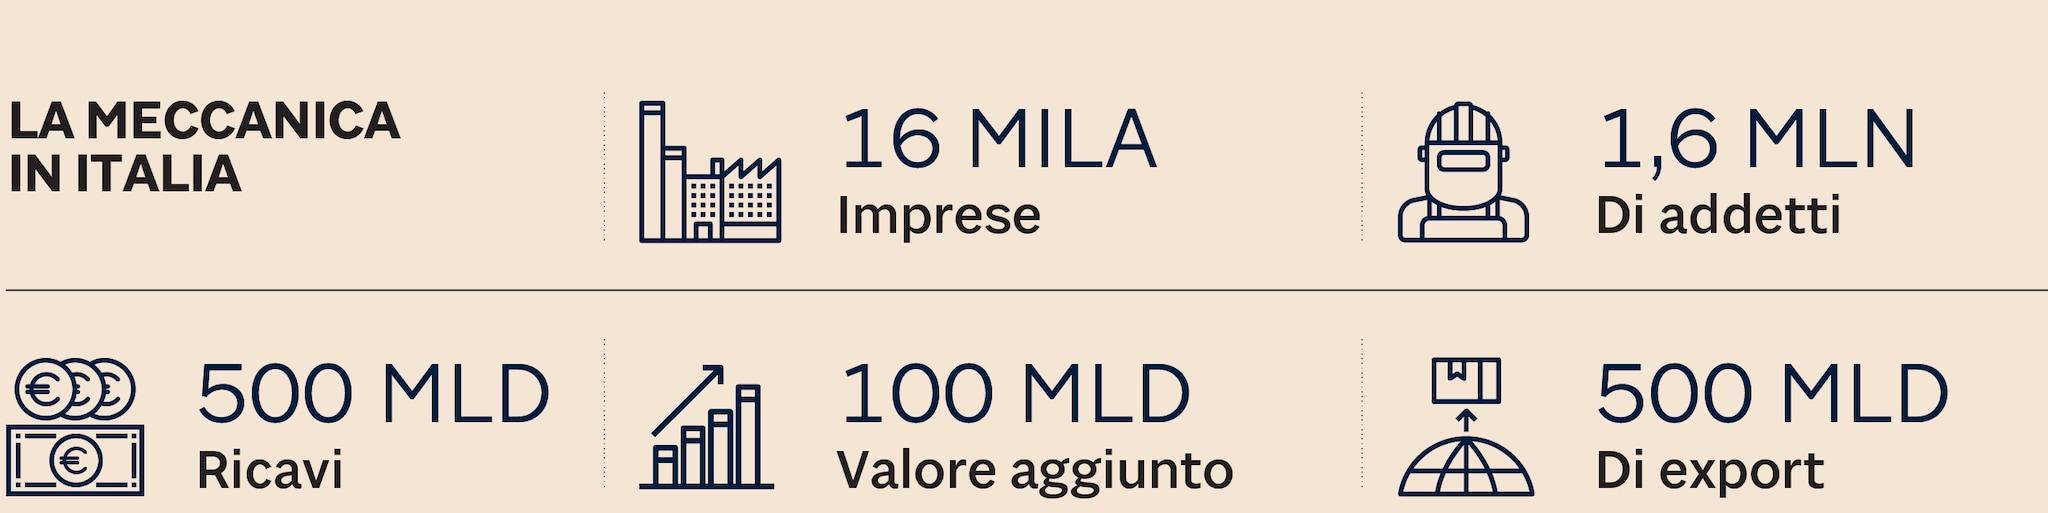 I NUMERI DELLA MECCANICA IN ITALIA